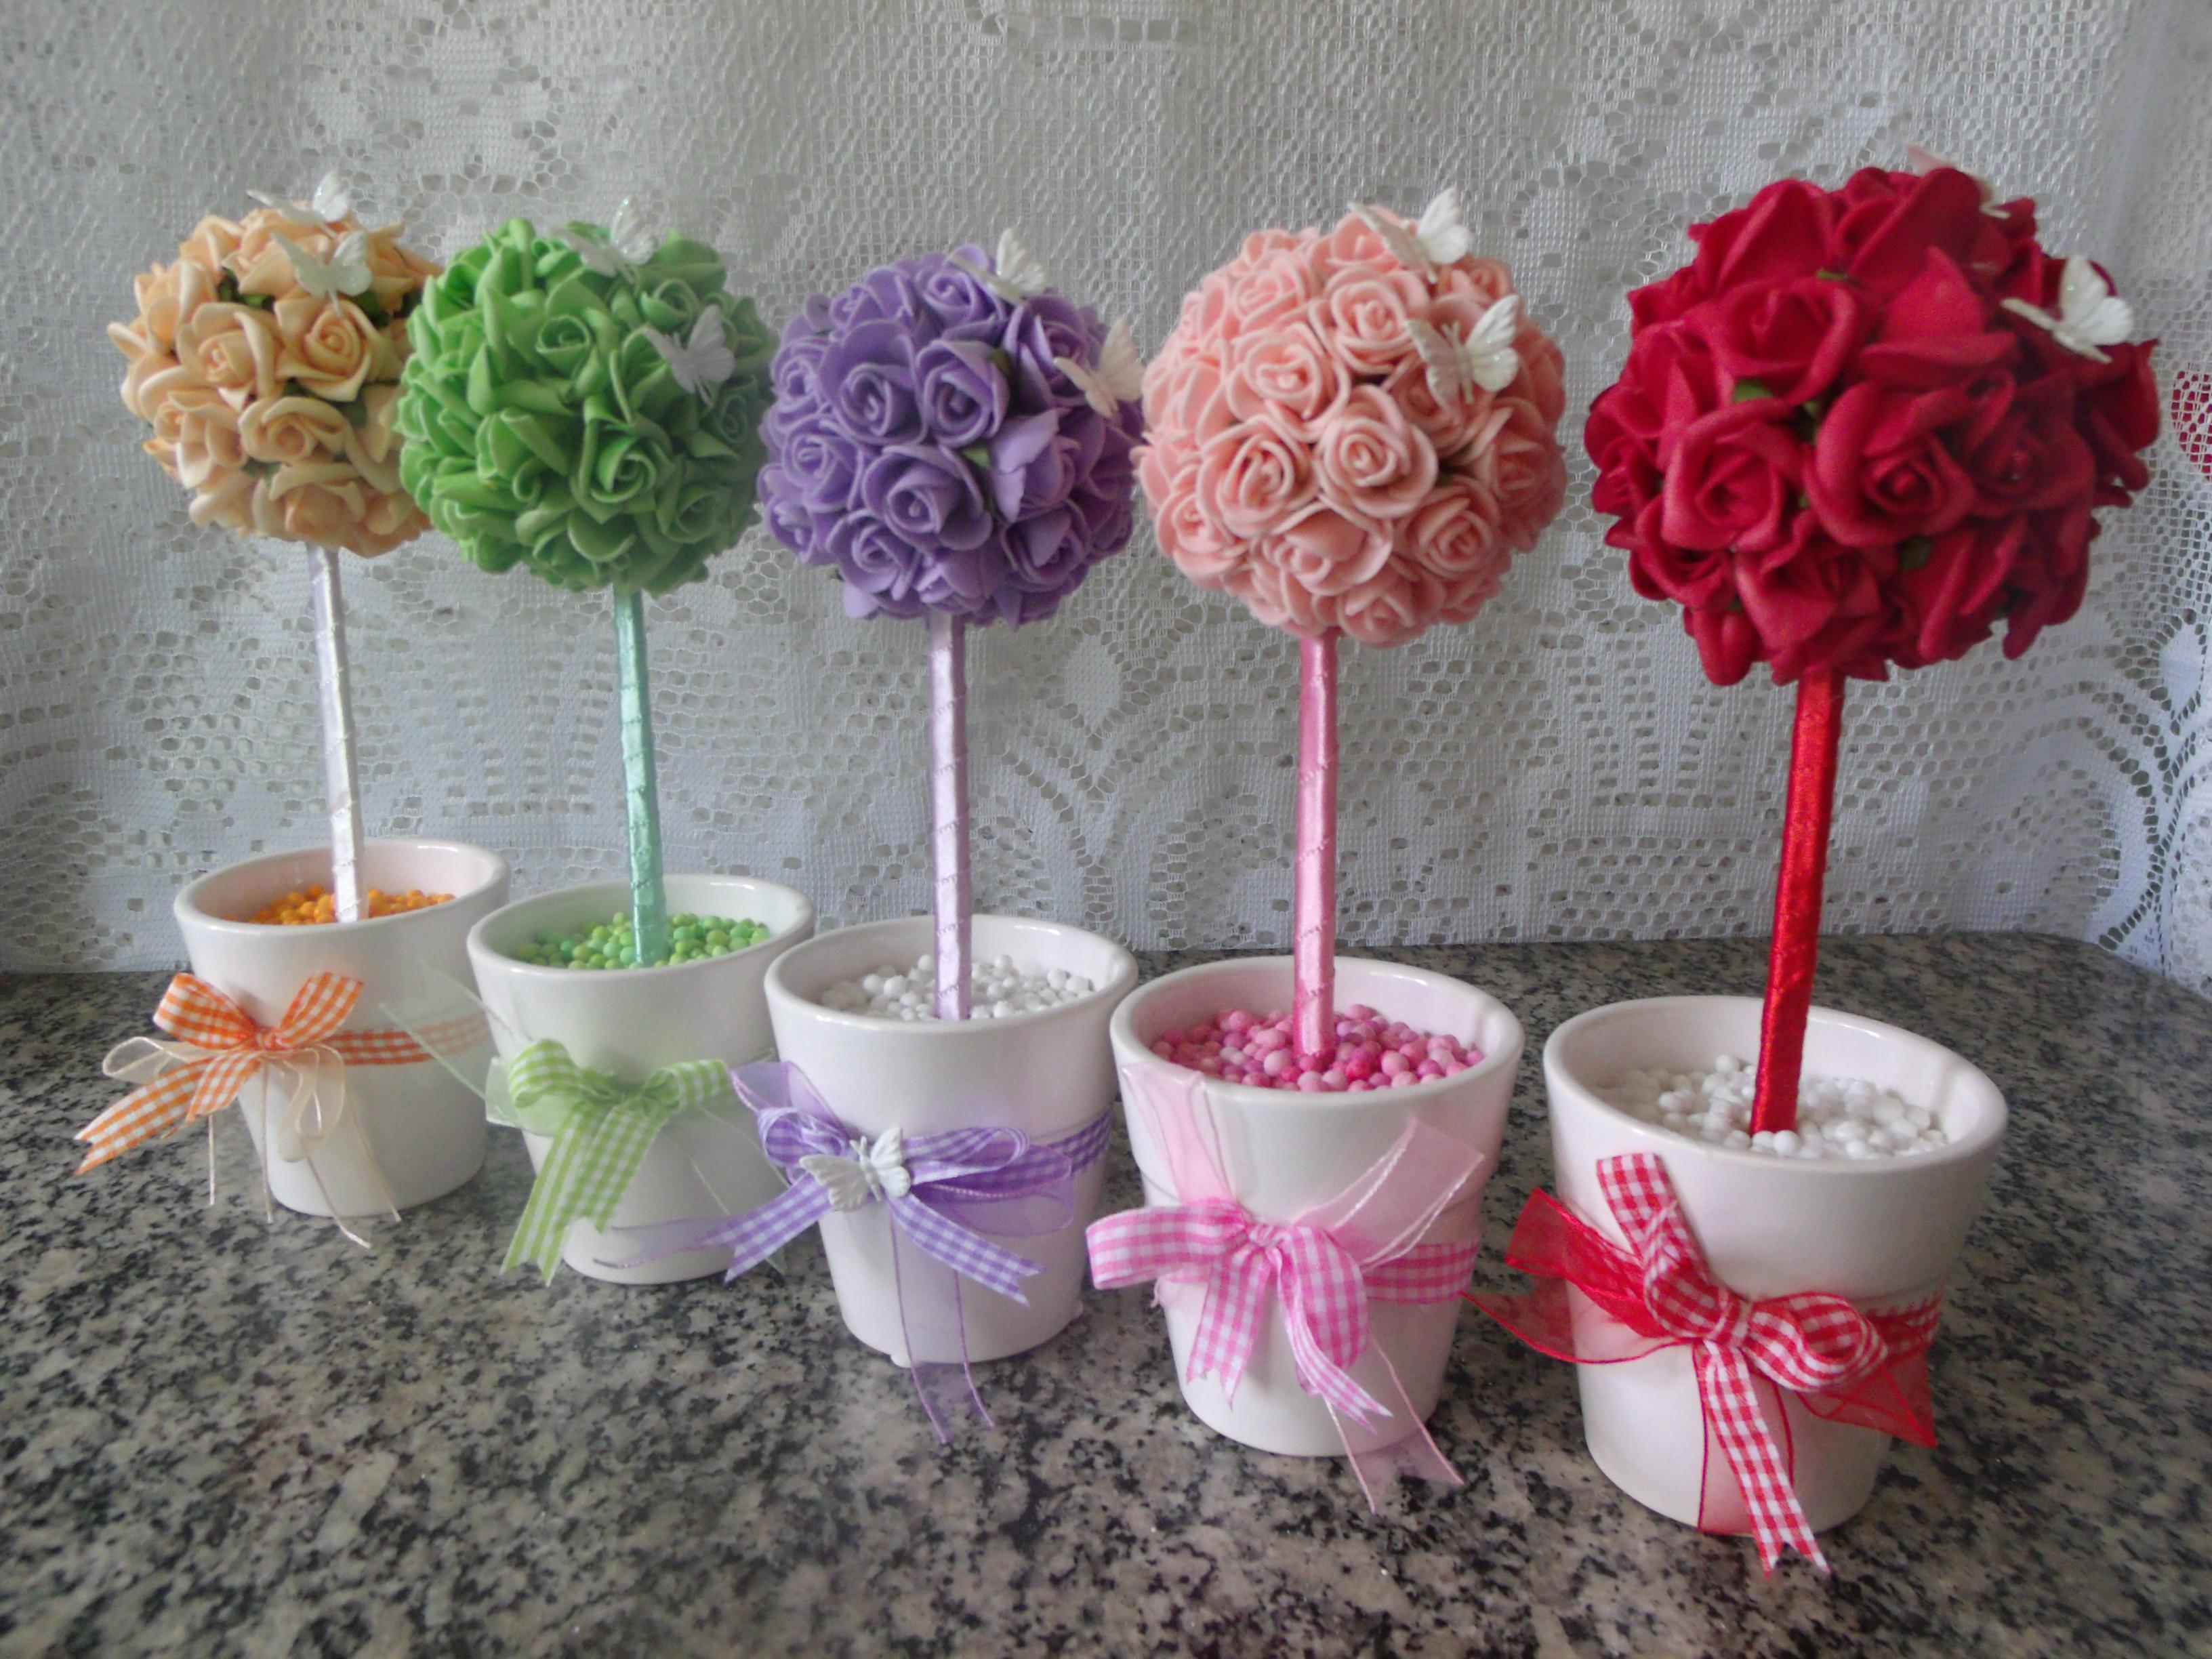 Centros de mesa para primera comunion con flores naturales - Centros de mesa ...